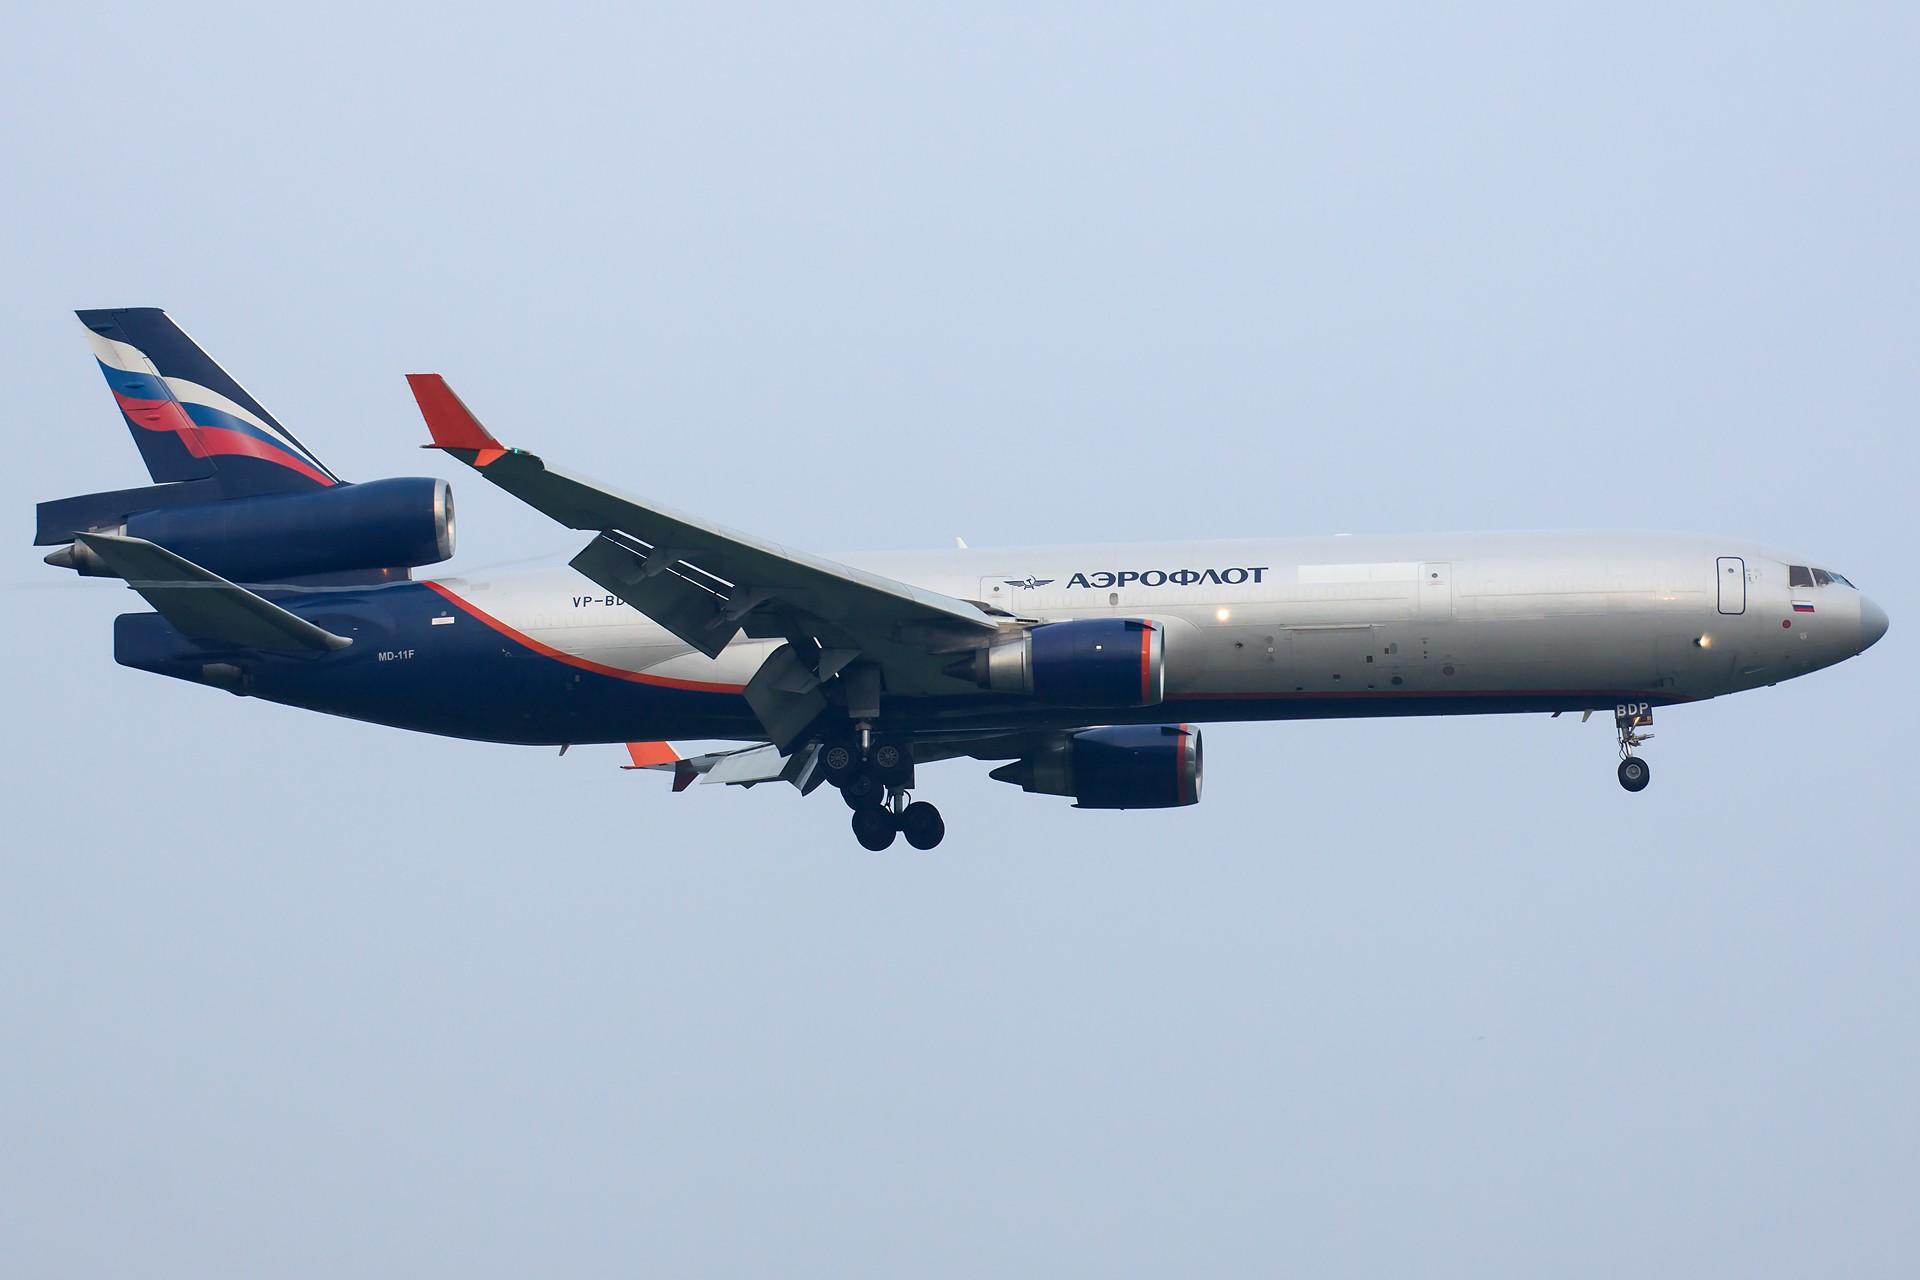 [一图党] Aeroflot MD11F VP-BDP 1920*1280 MCDONNELL DOUGLAS MD-11F VP-BDP 中国北京首都国际机场